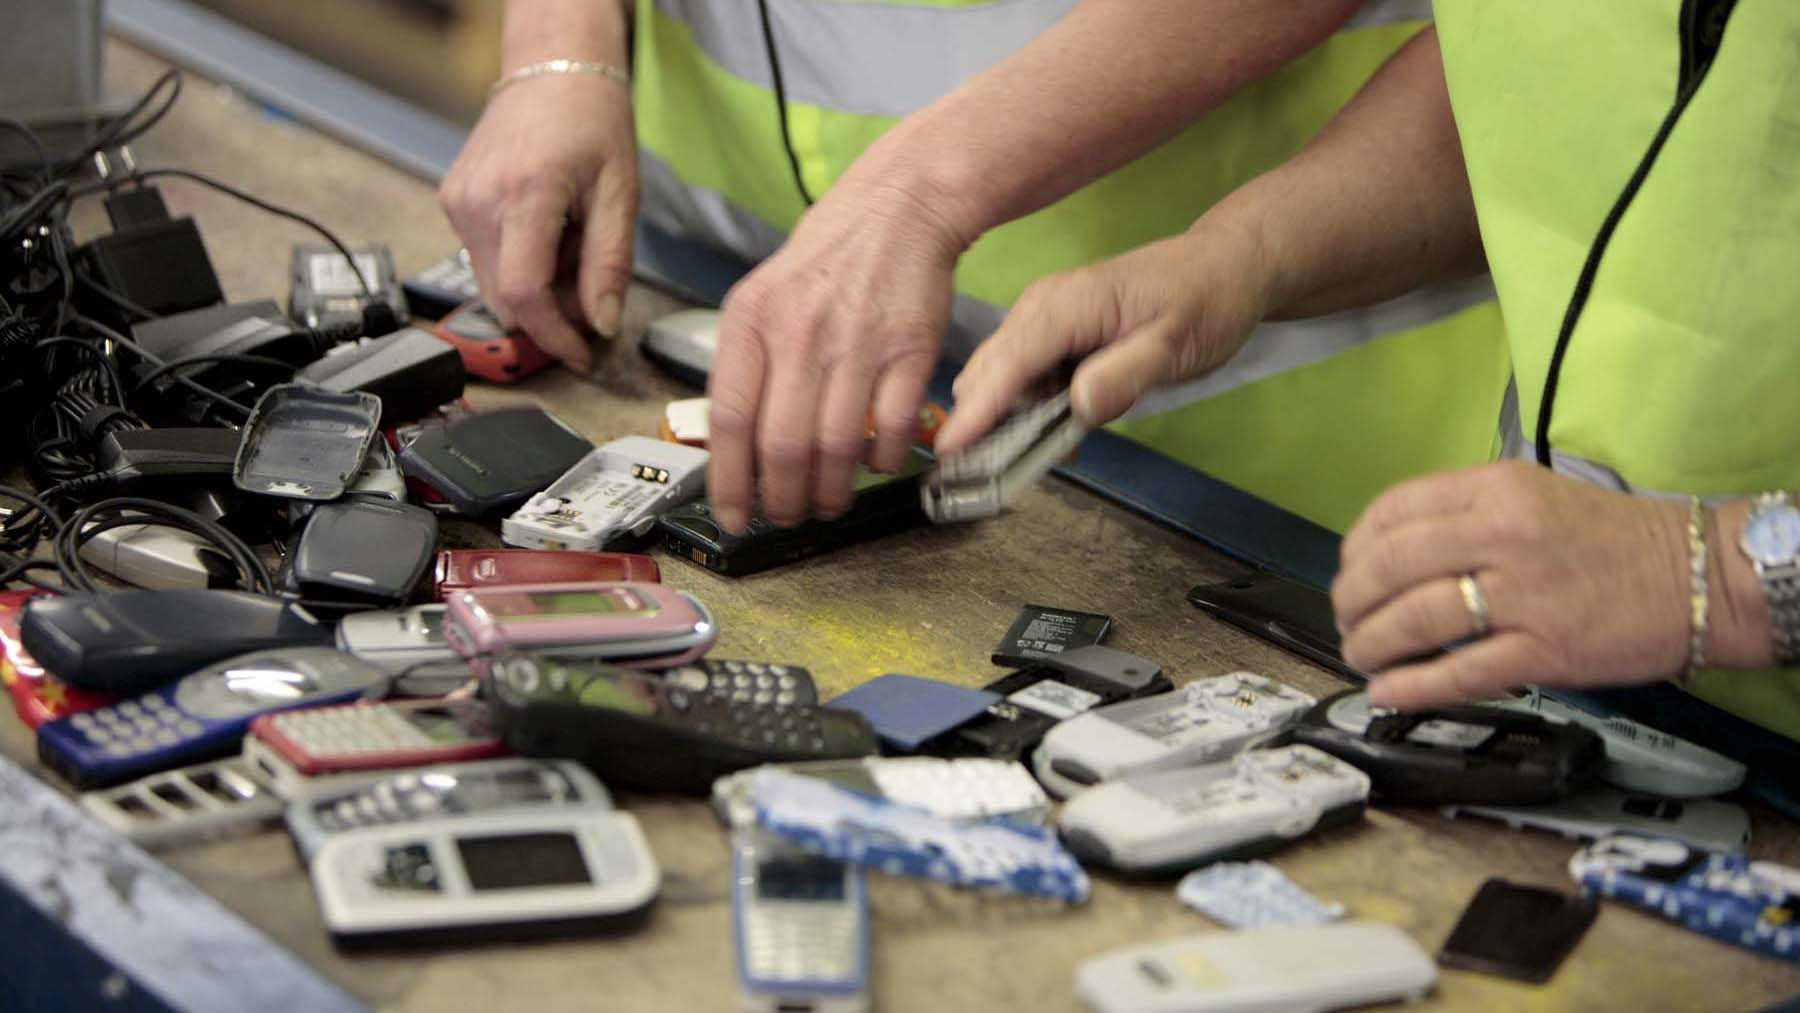 Старые мобильные телефоны тоже относятся к оргтехнике